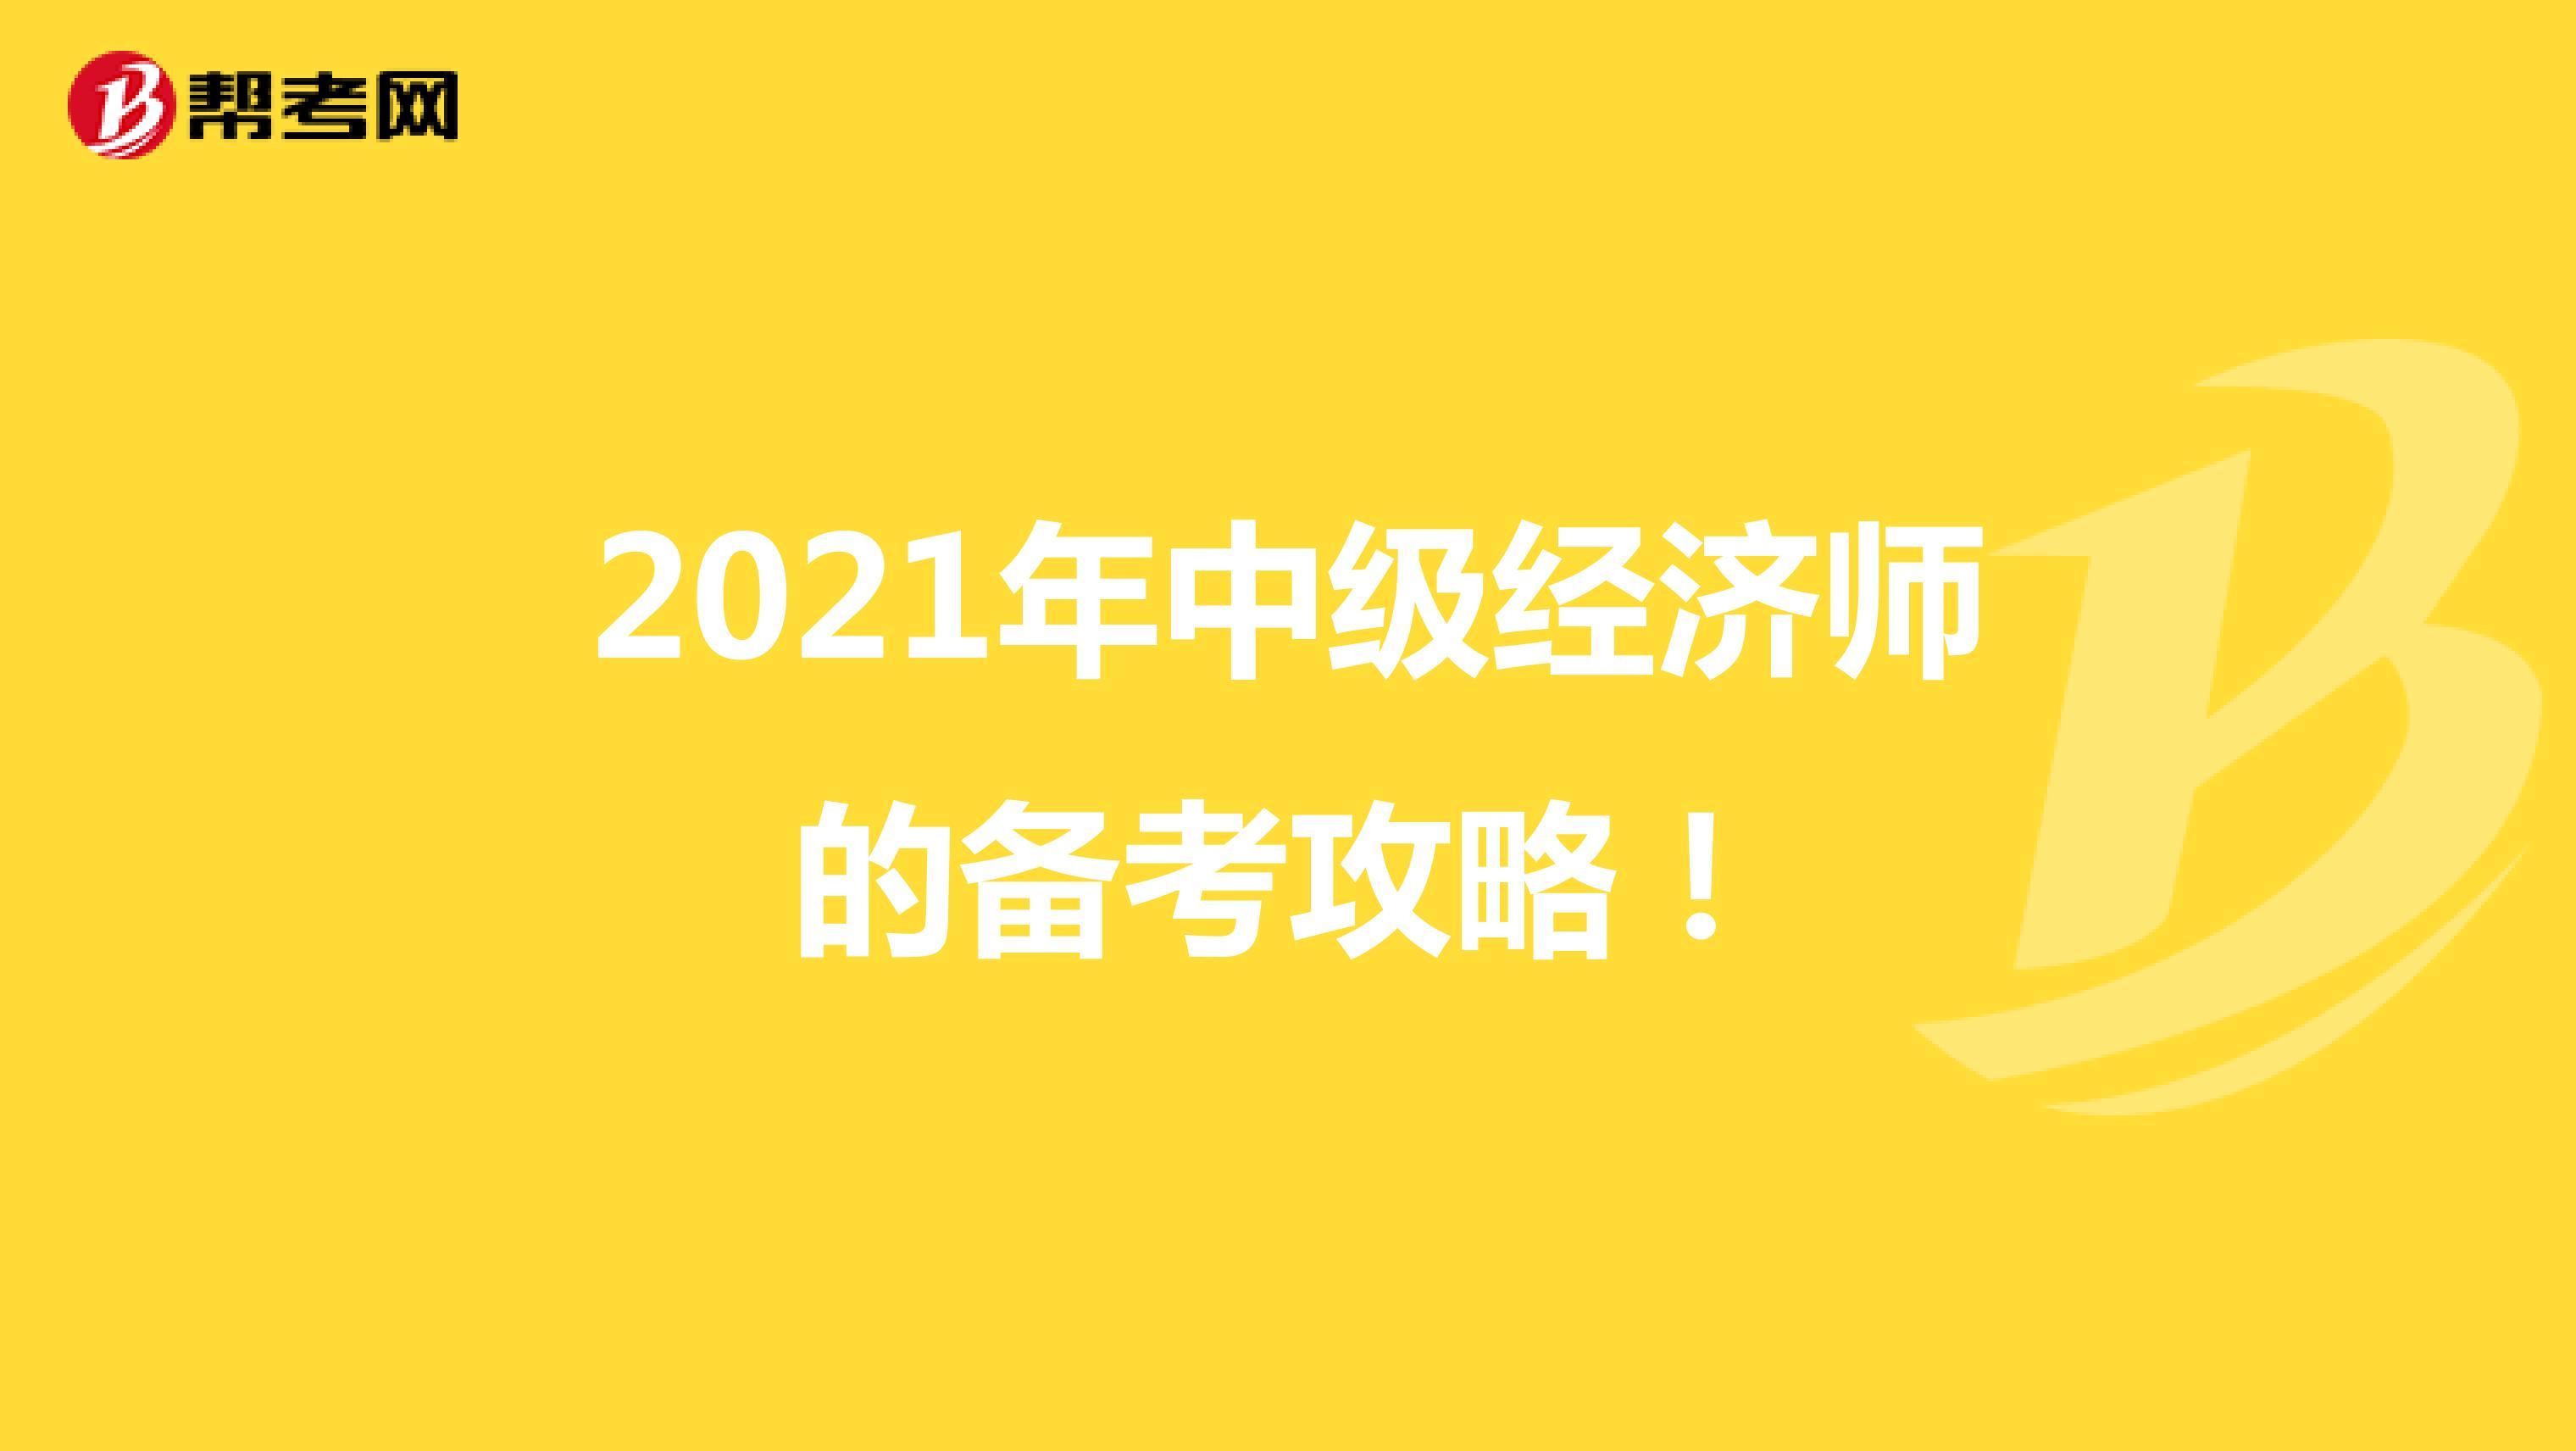 2021年中級經濟師的備考攻略!